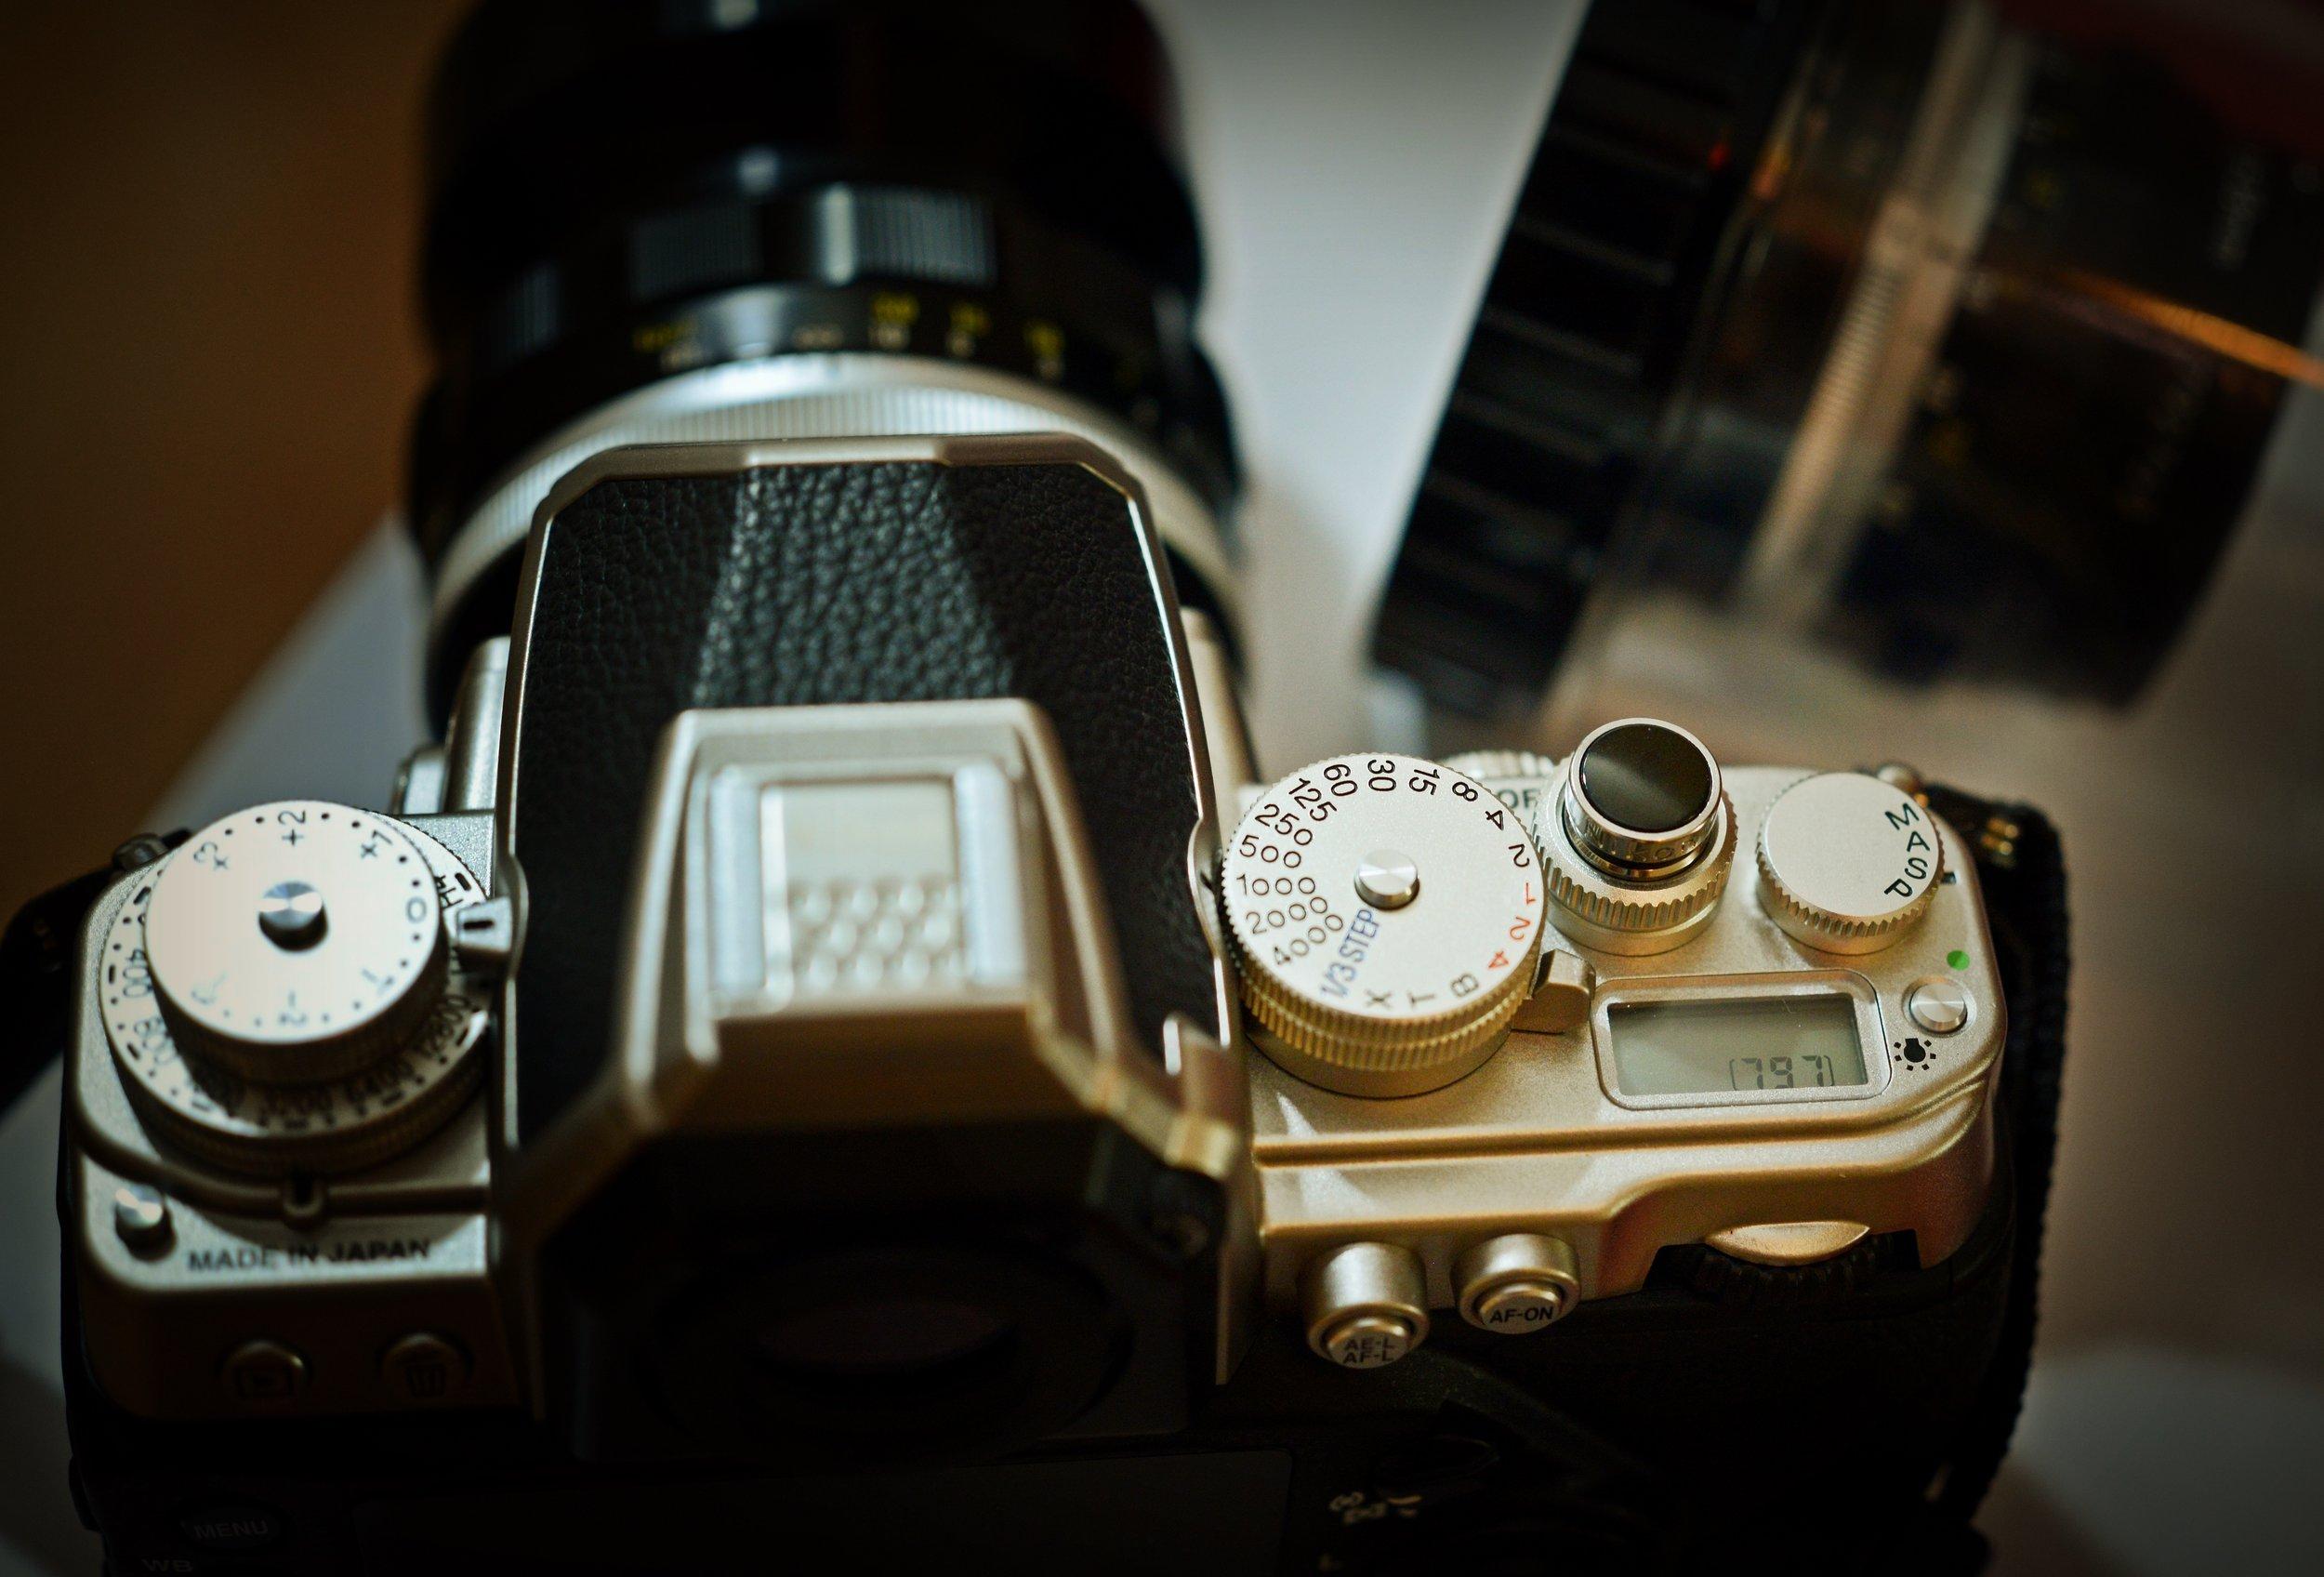 camera-1983863.jpg